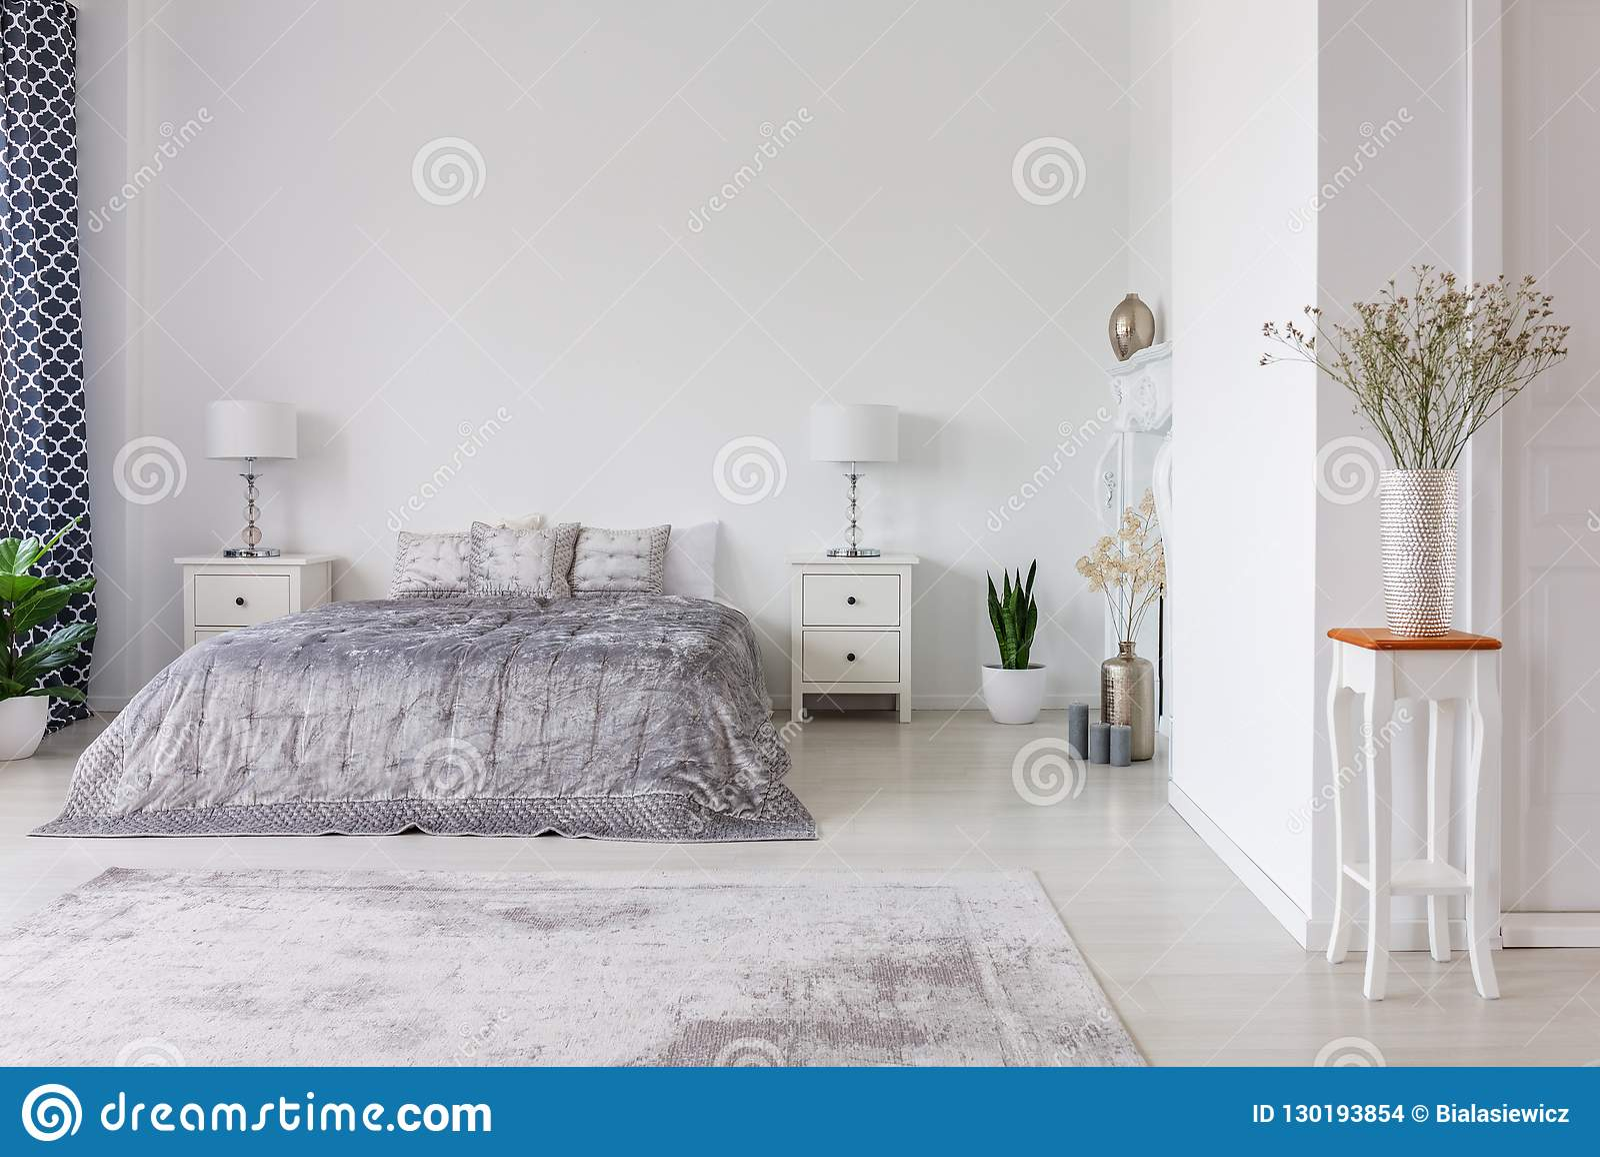 buy online d4c28 f7154 Interior Design Di Lusso Della Camera Da Letto Con Il ...